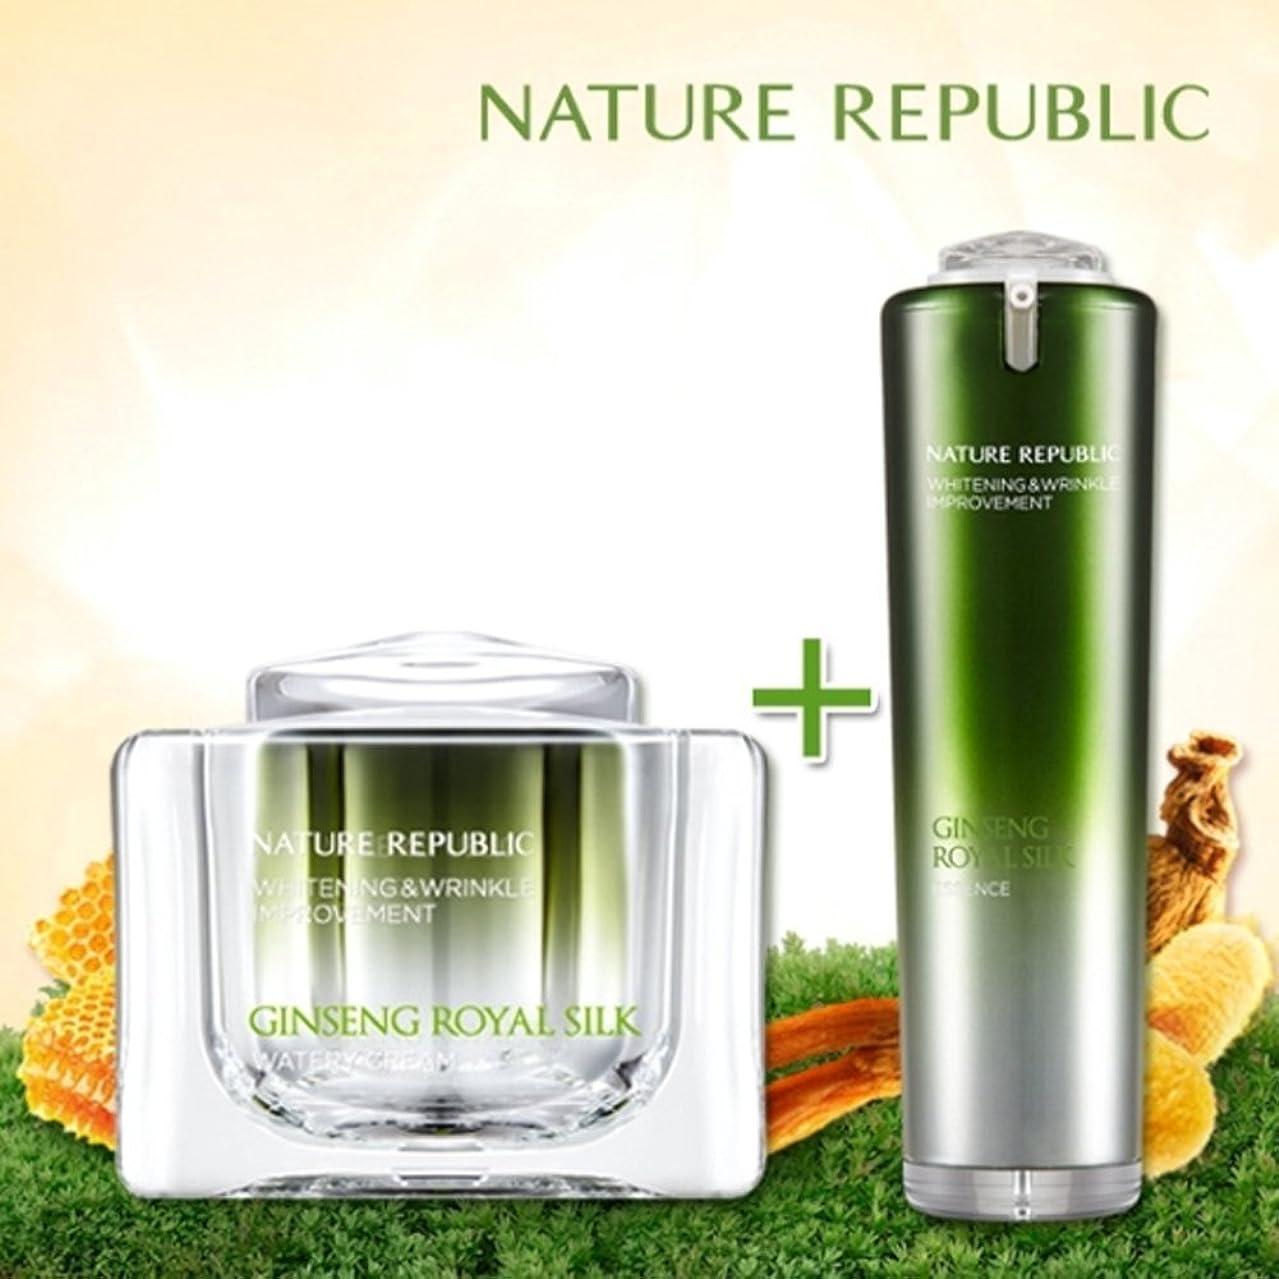 除外する先見の明カラスNATURE REPUBLIC/高麗人参ロイヤルシルクウォーターリークリーム+エッセンス Nature Republic、Ginseng Royal silk Watery Cream+Essence(海外直送品)